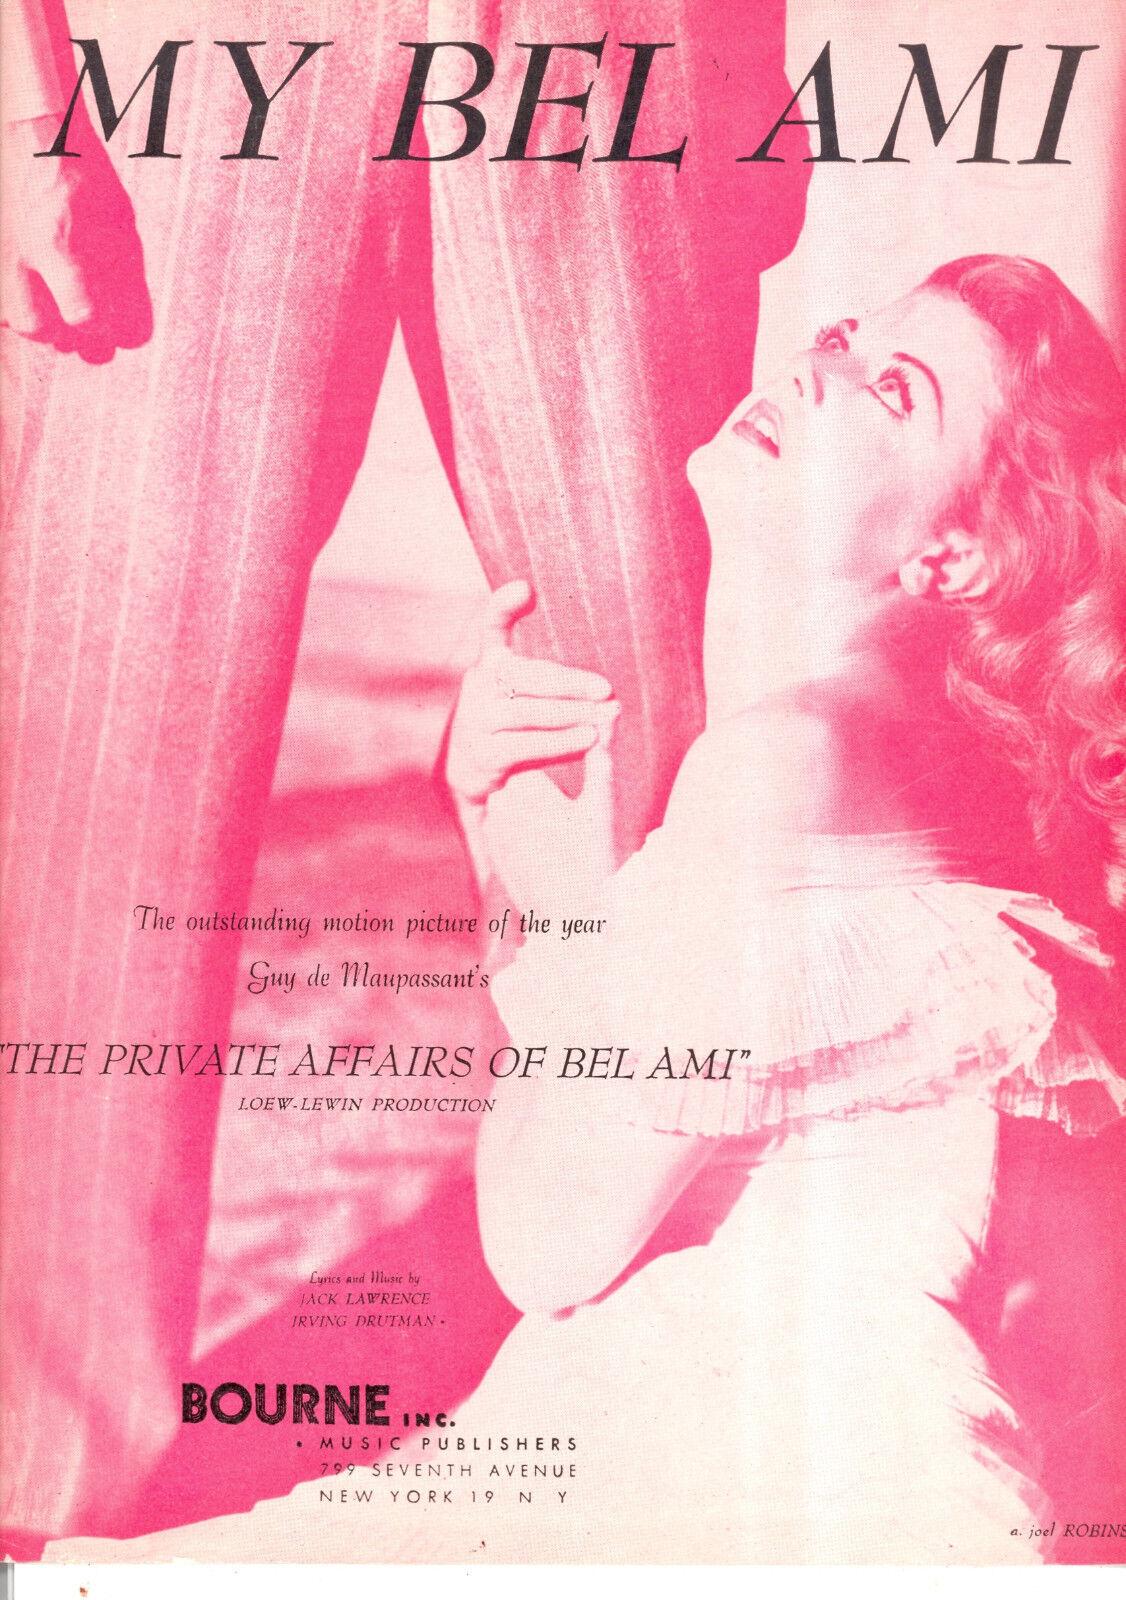 Asunto privado de Bel Ami partituras  Mi Bel Ami Ami Ami  Angela Lansbury  Nuevos productos de artículos novedosos.